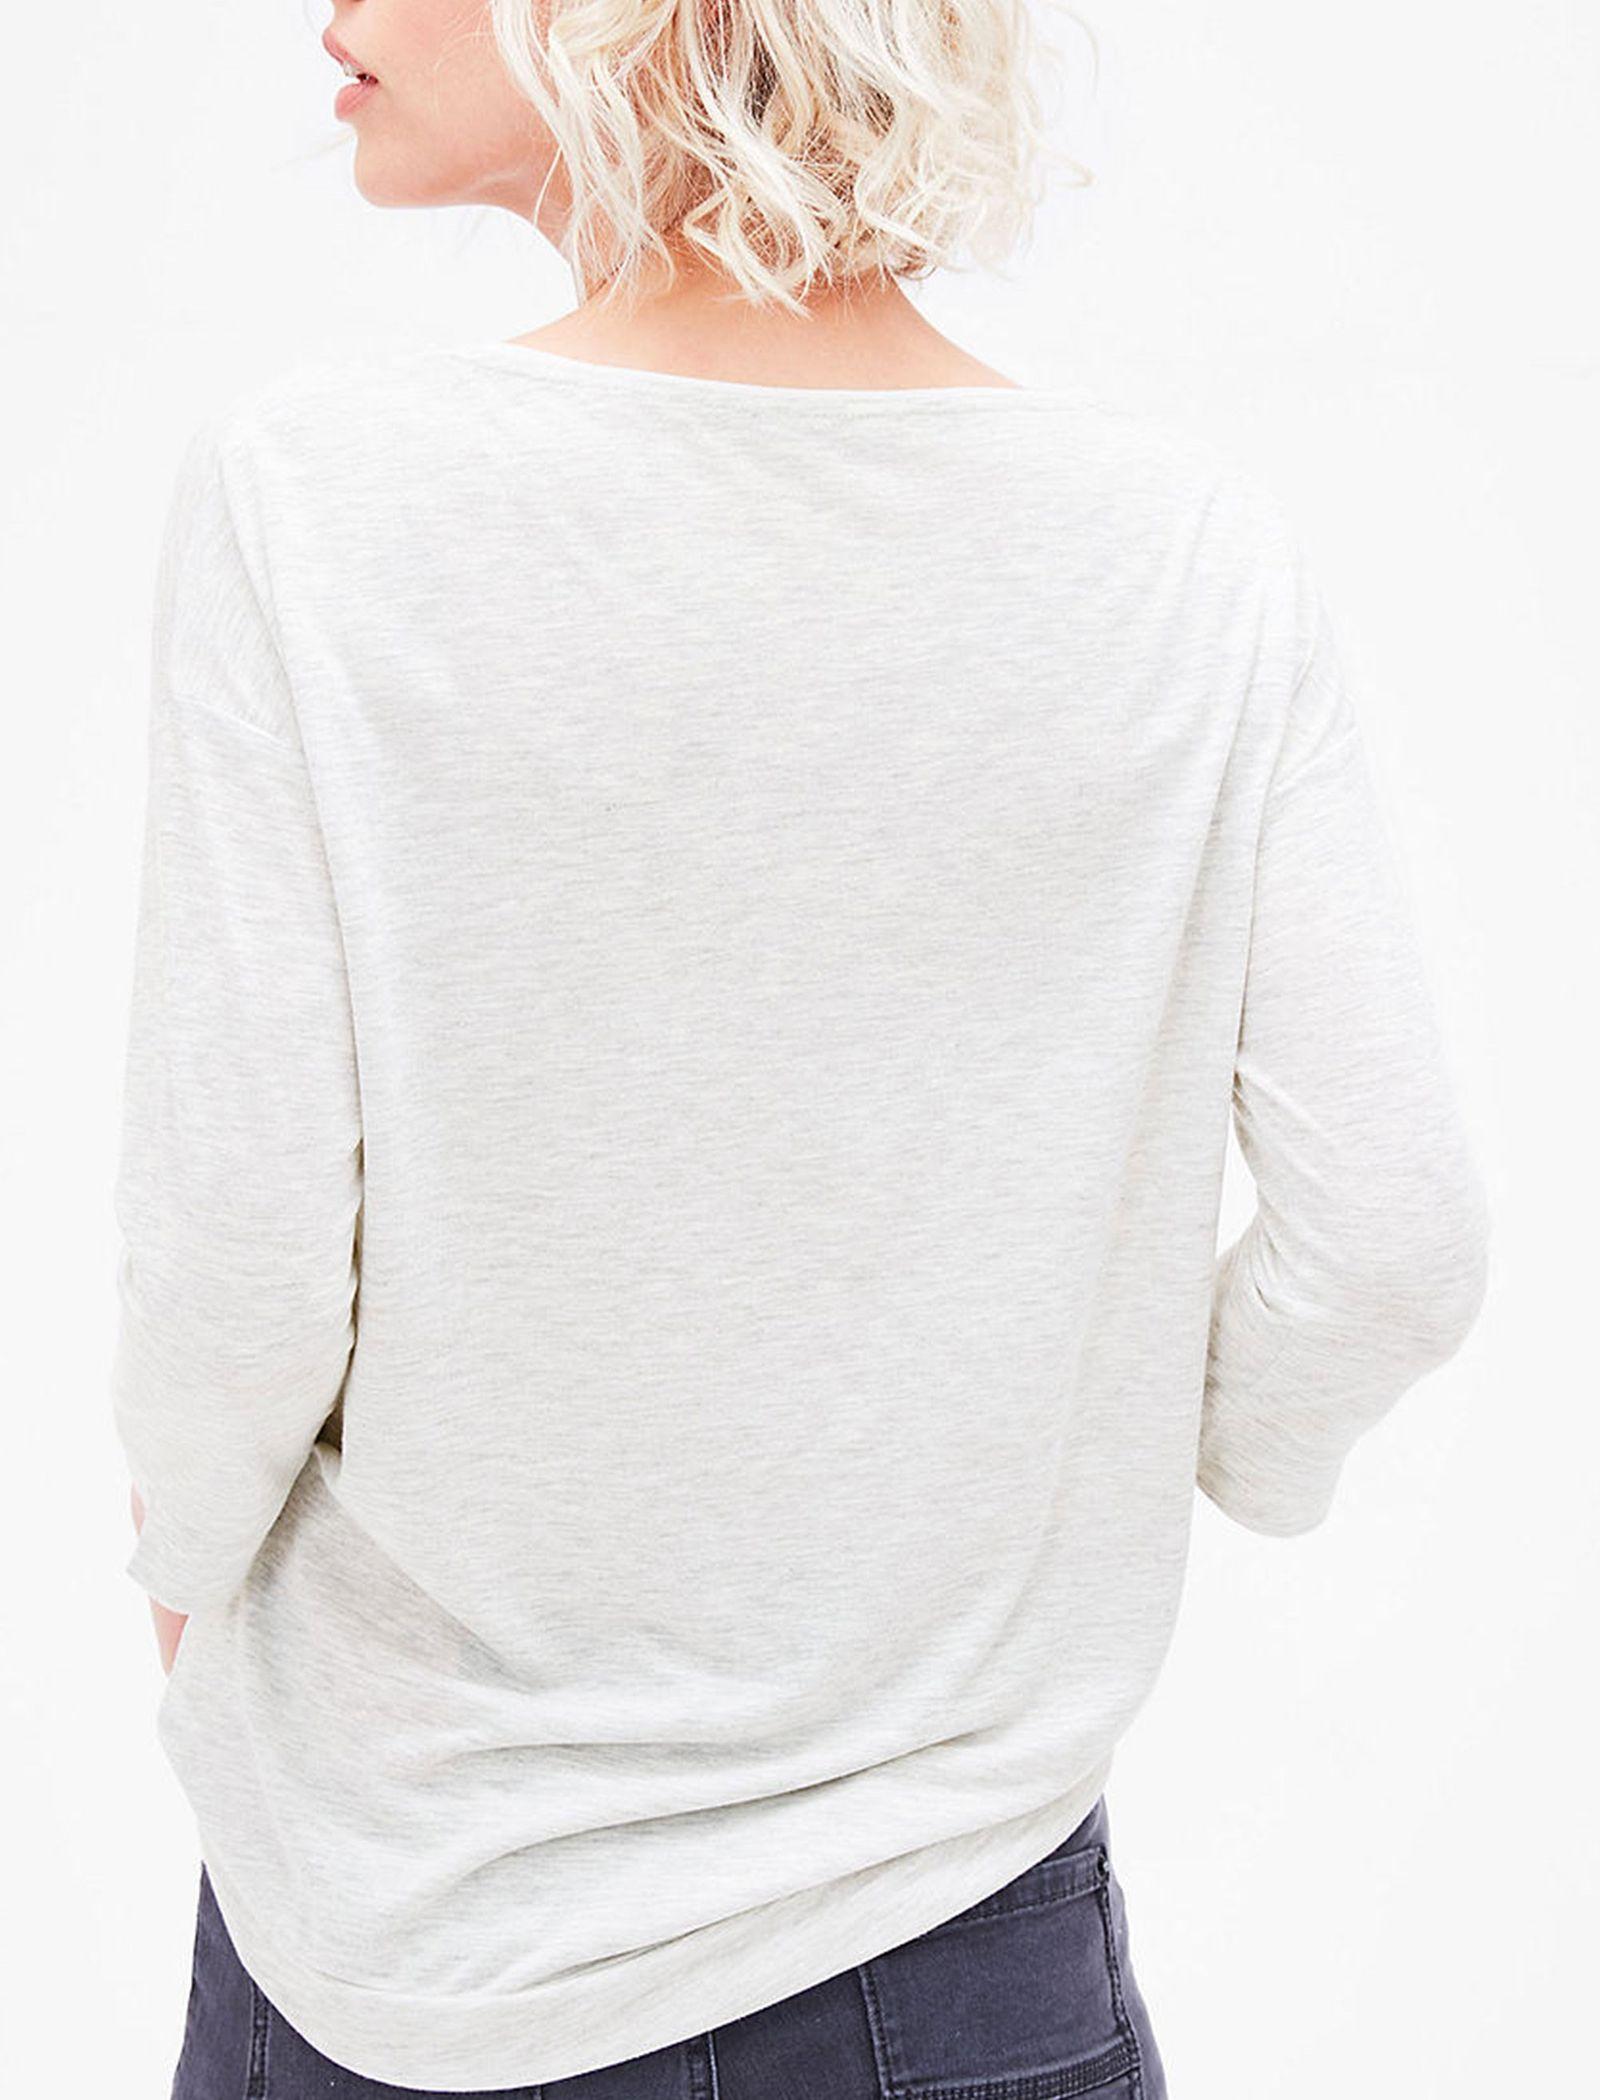 تی شرت یقه گرد زنانه - اس.اولیور - طوسي روشن - 5